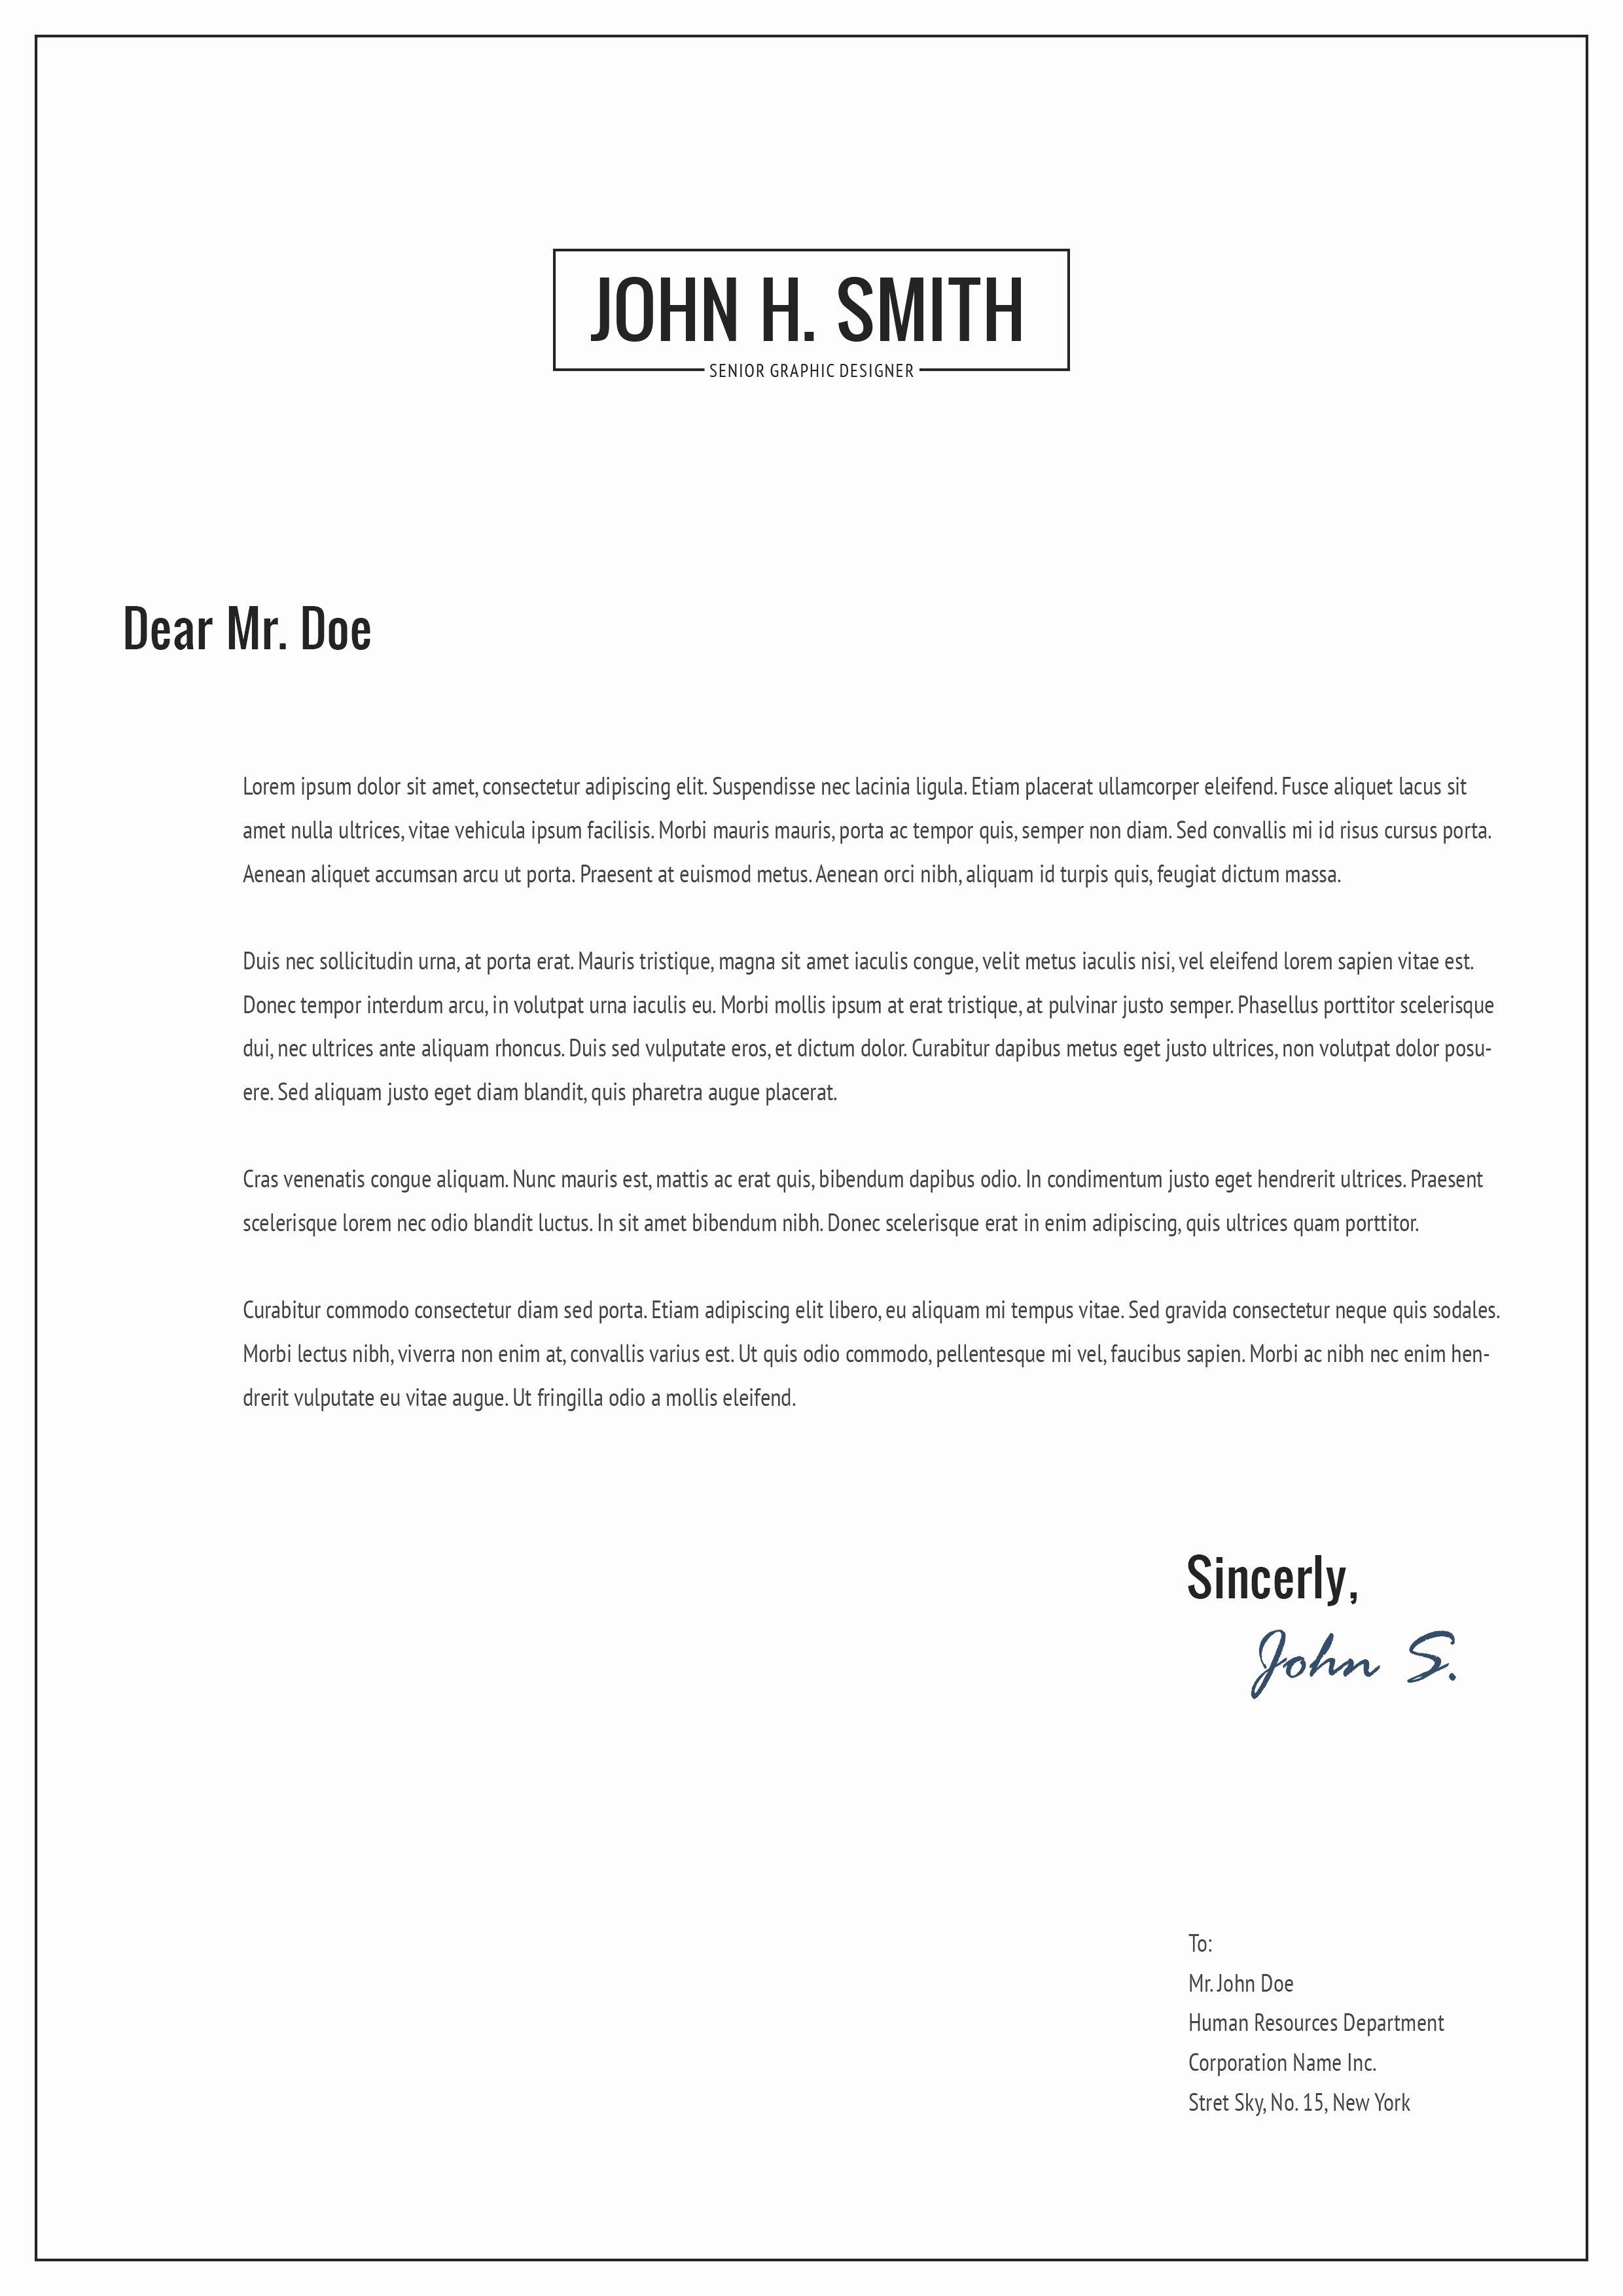 bonus letter template